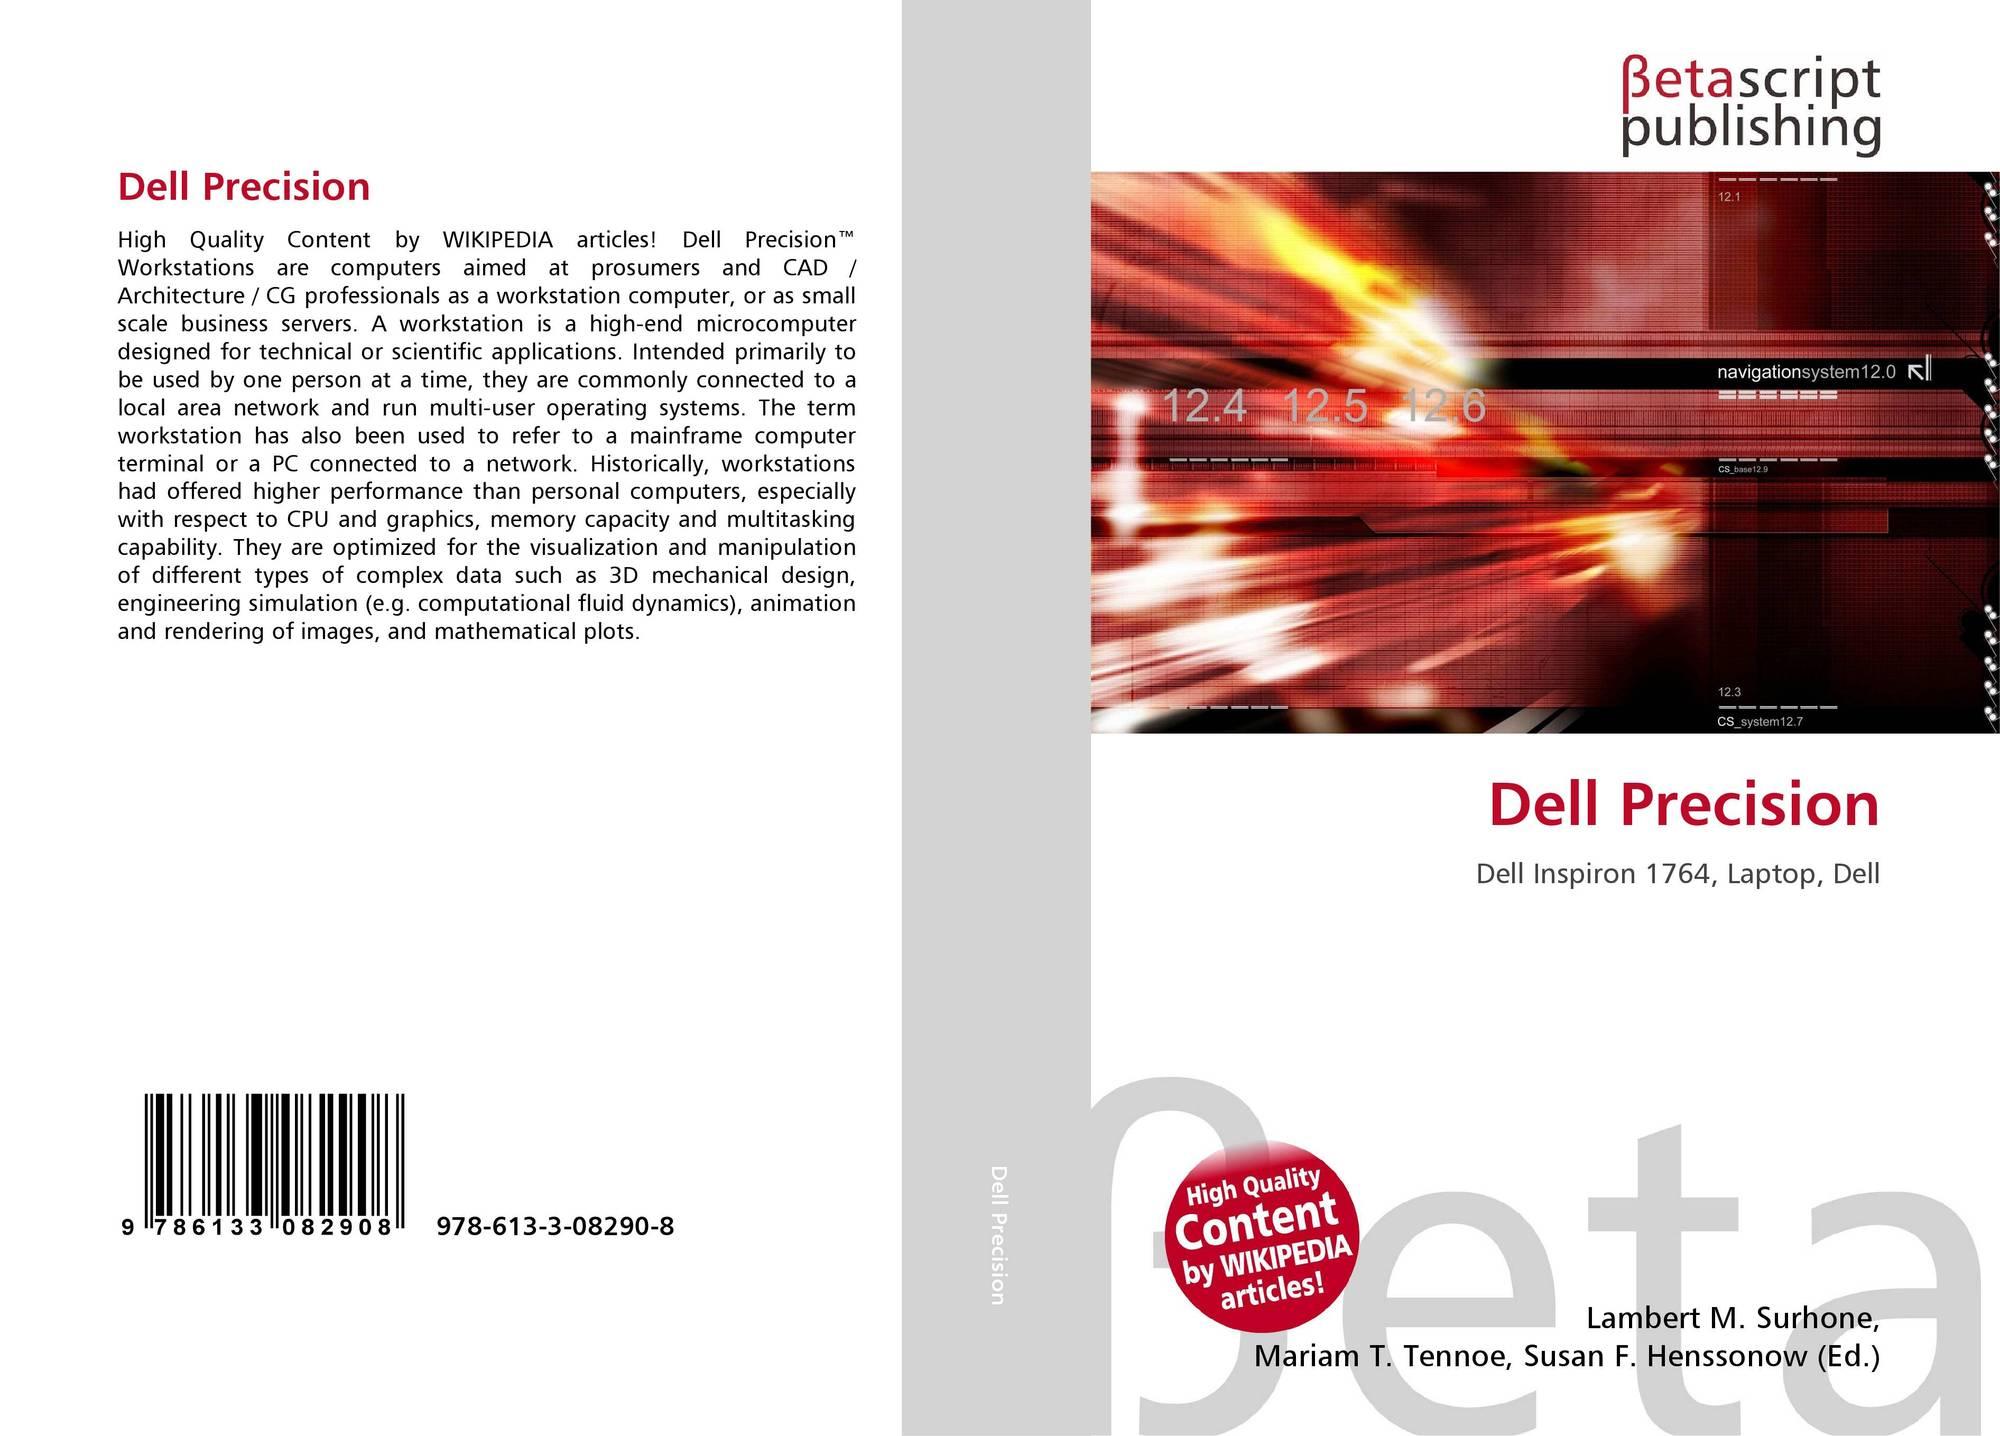 Dell Precision, 978-613-3-08290-8, 6133082909 ,9786133082908